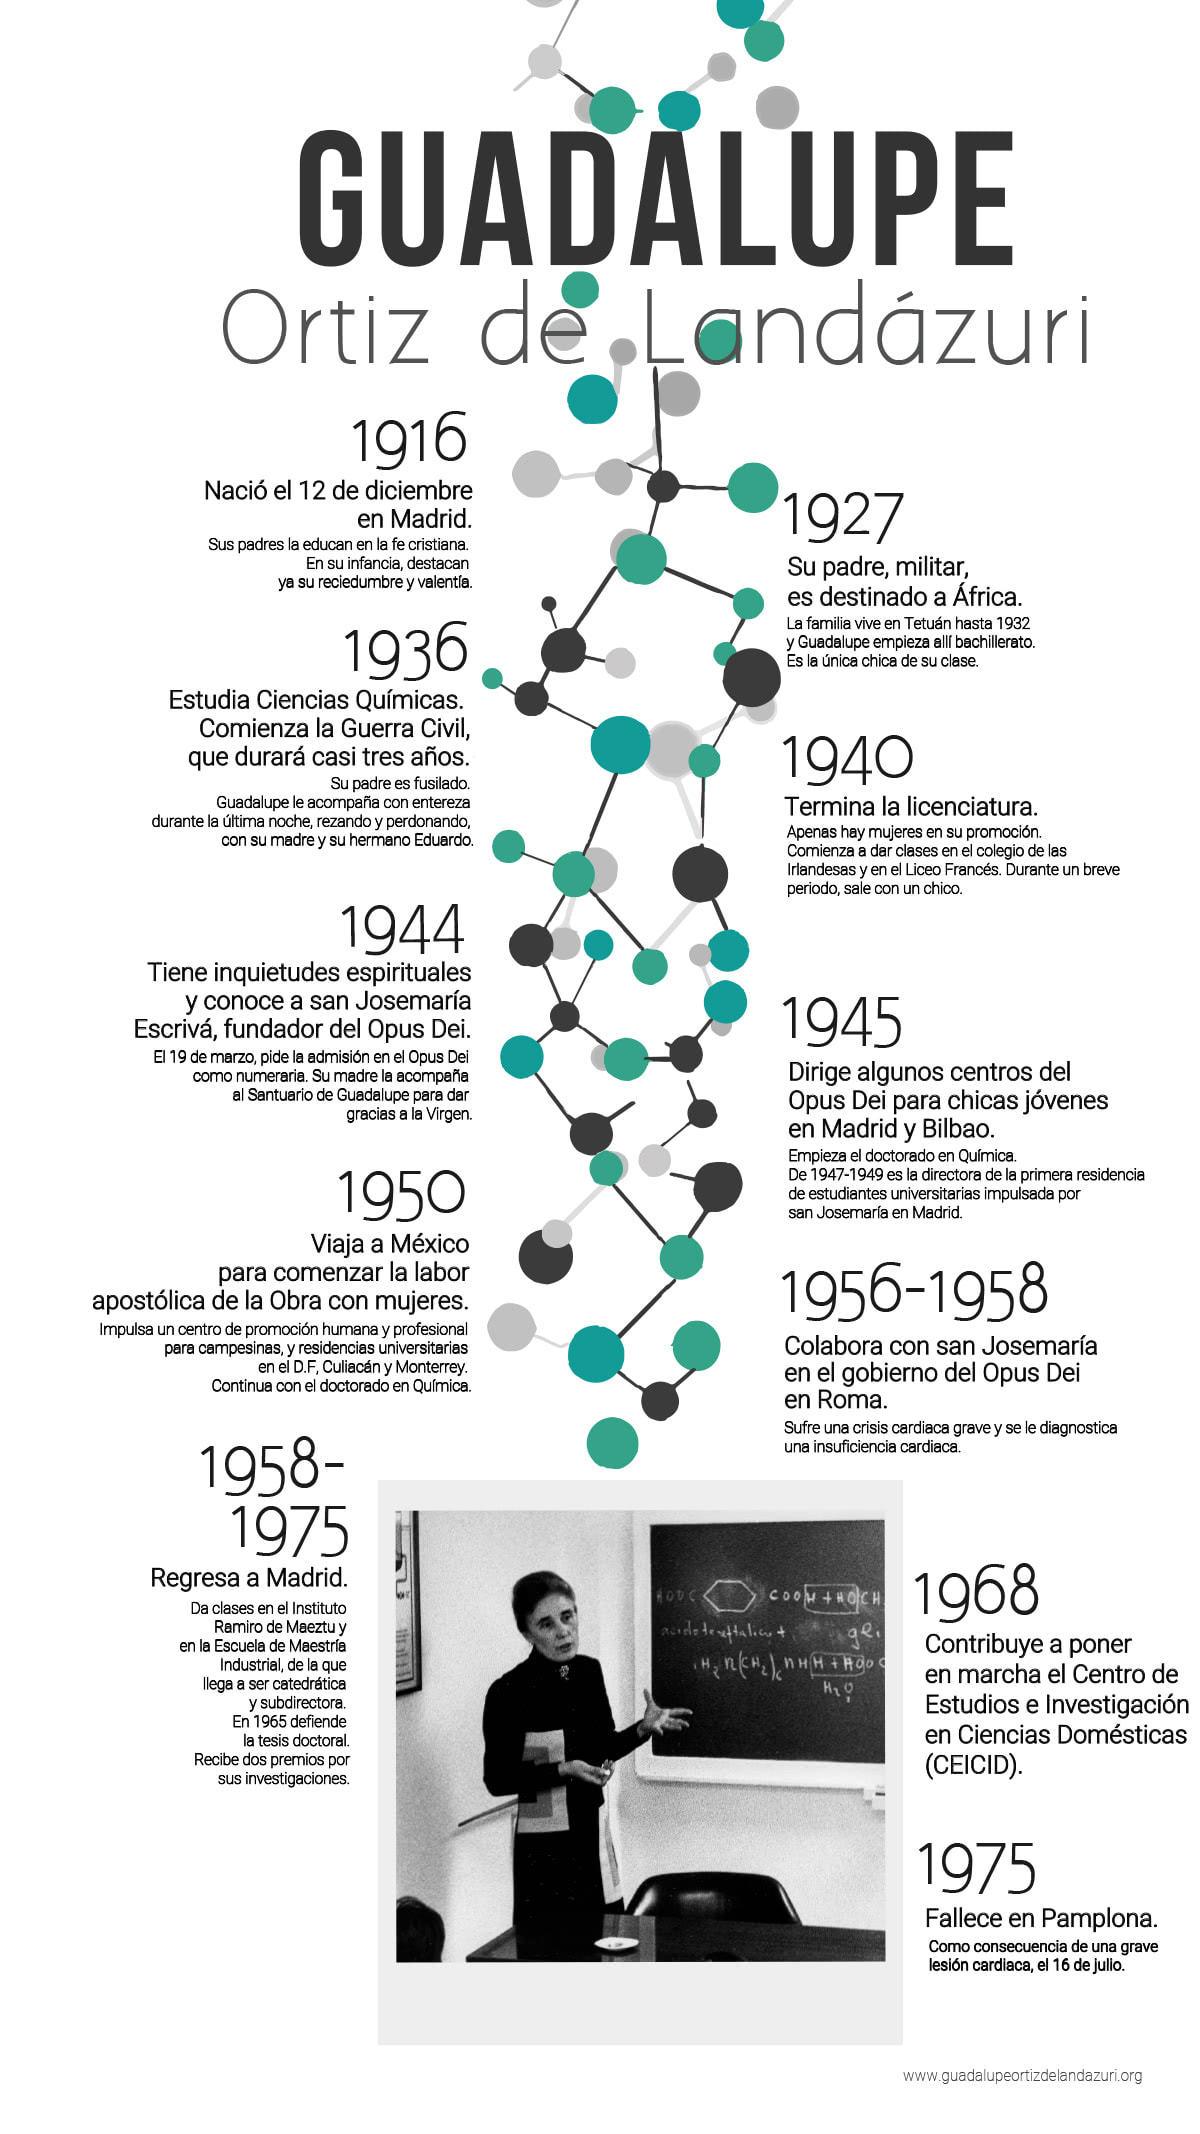 Descargar en PDF con mayor calidad la infografía sobre la vida de Guadalupe Ortiz de Landázuri.